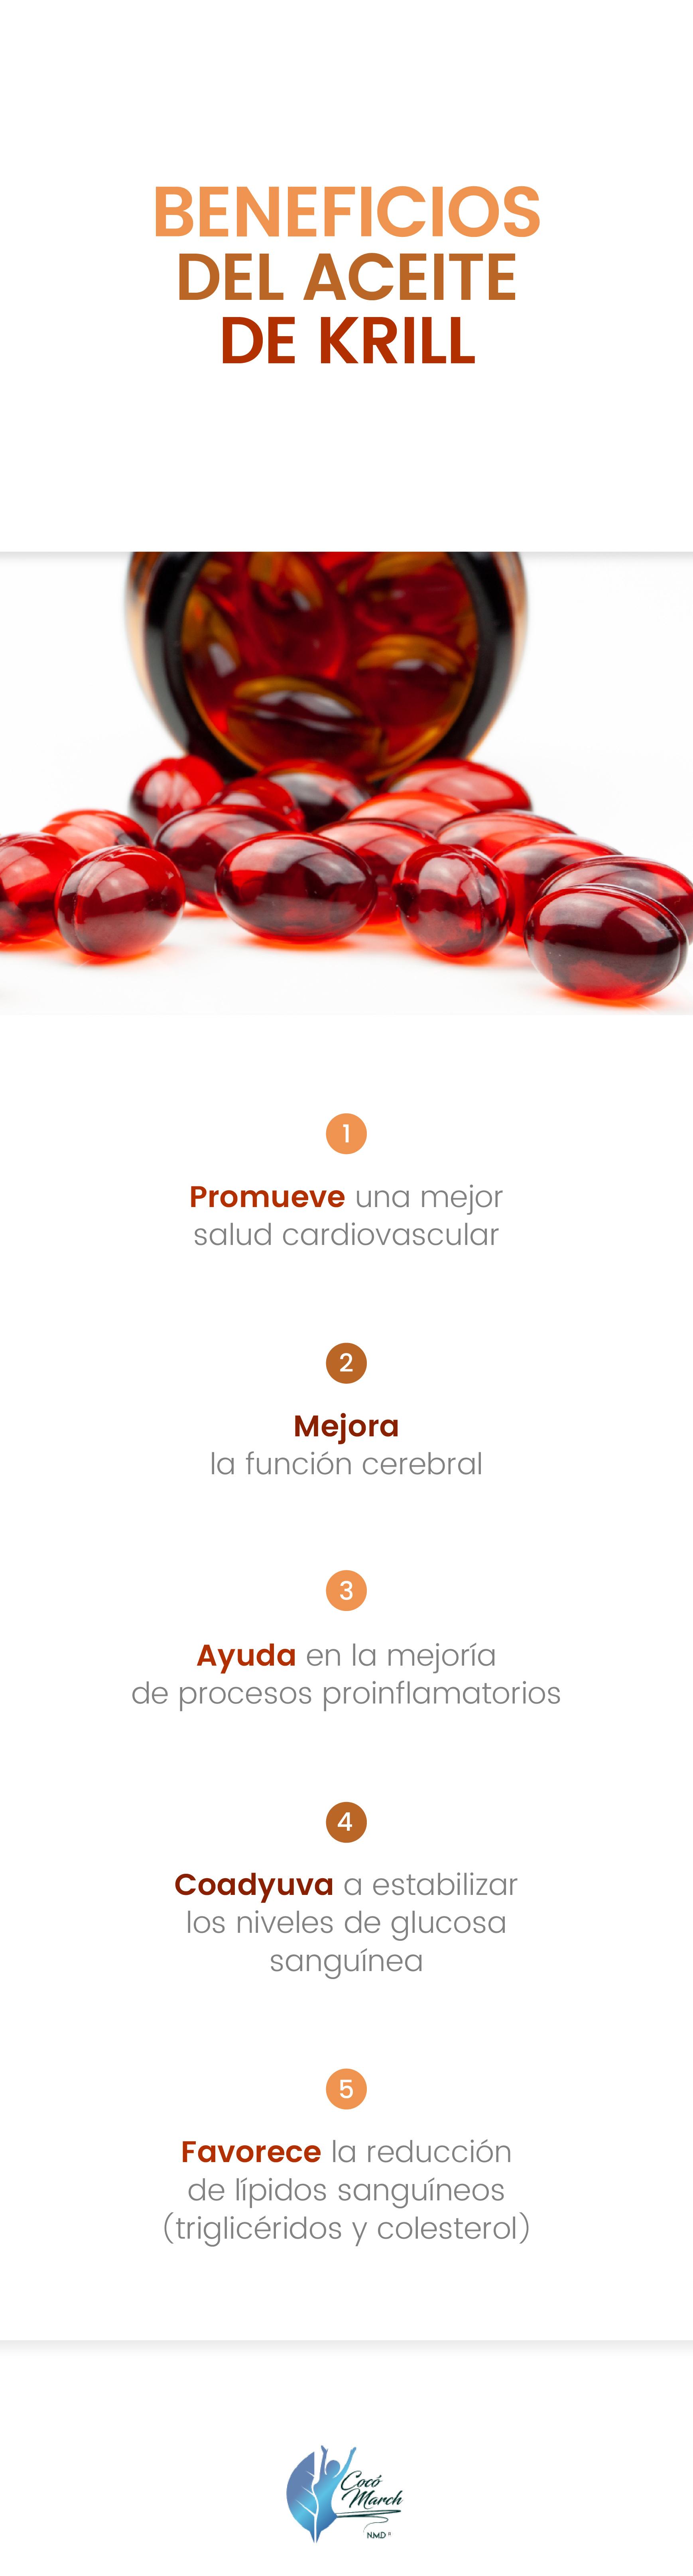 beneficios-del-aceite-de-krill